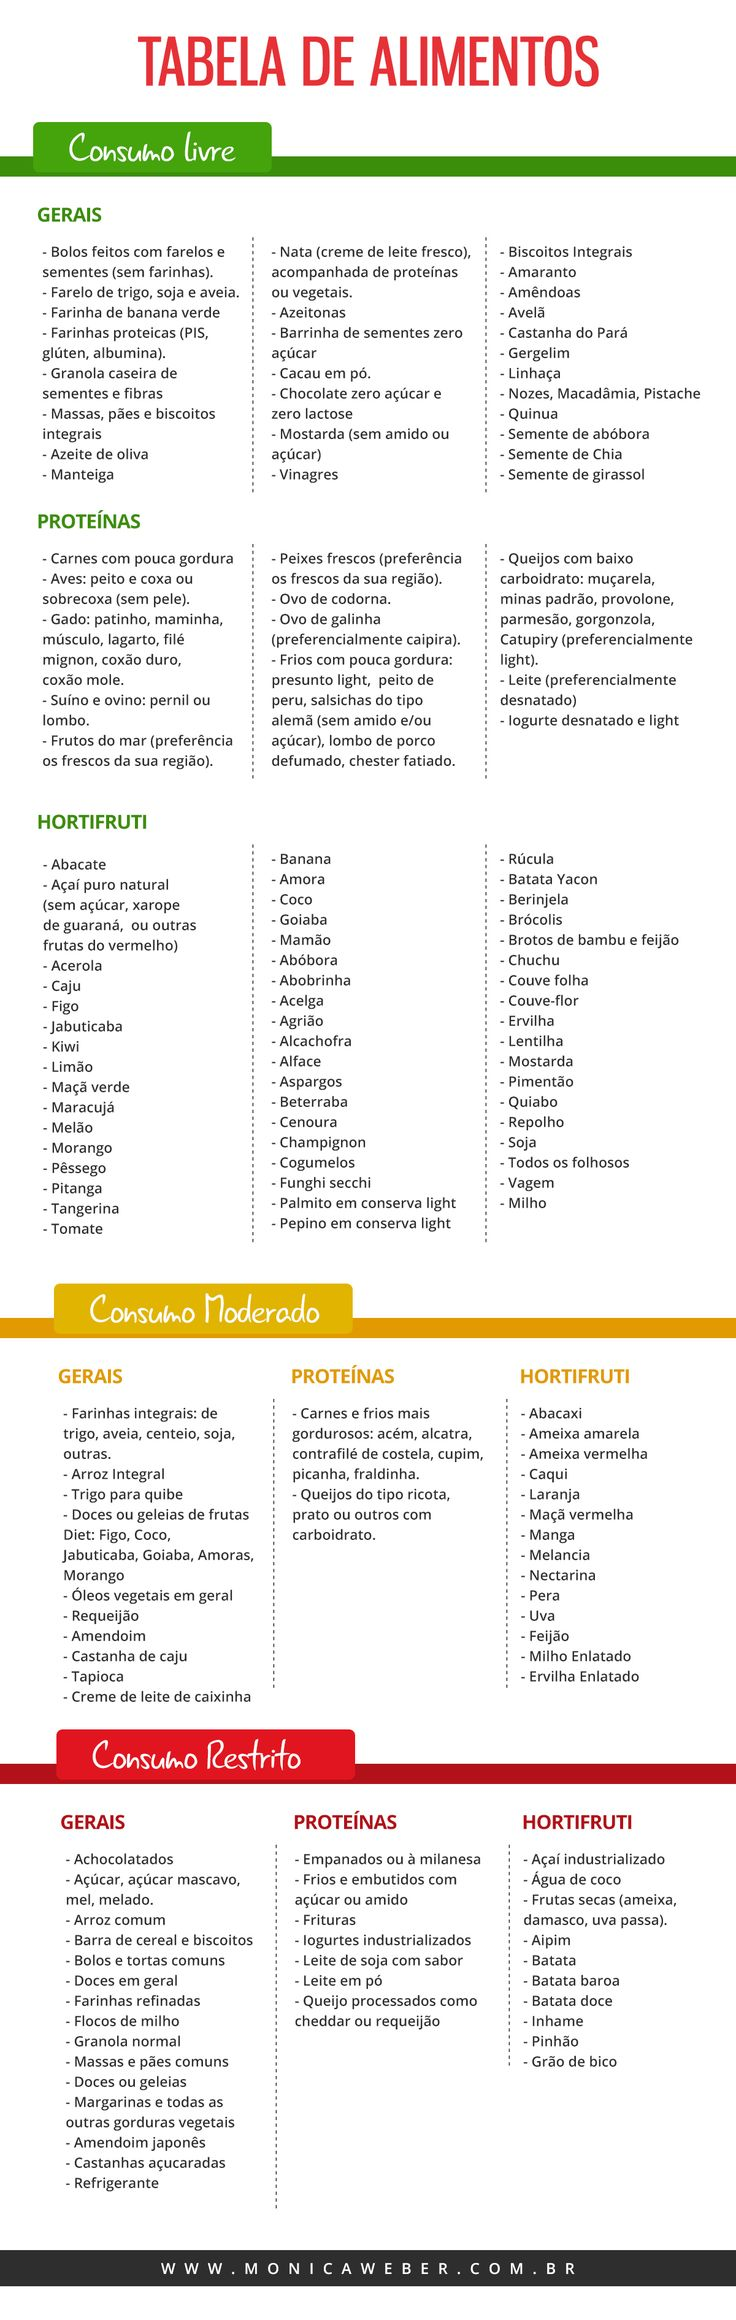 Tabela de alimentos - Dieta lowcarb